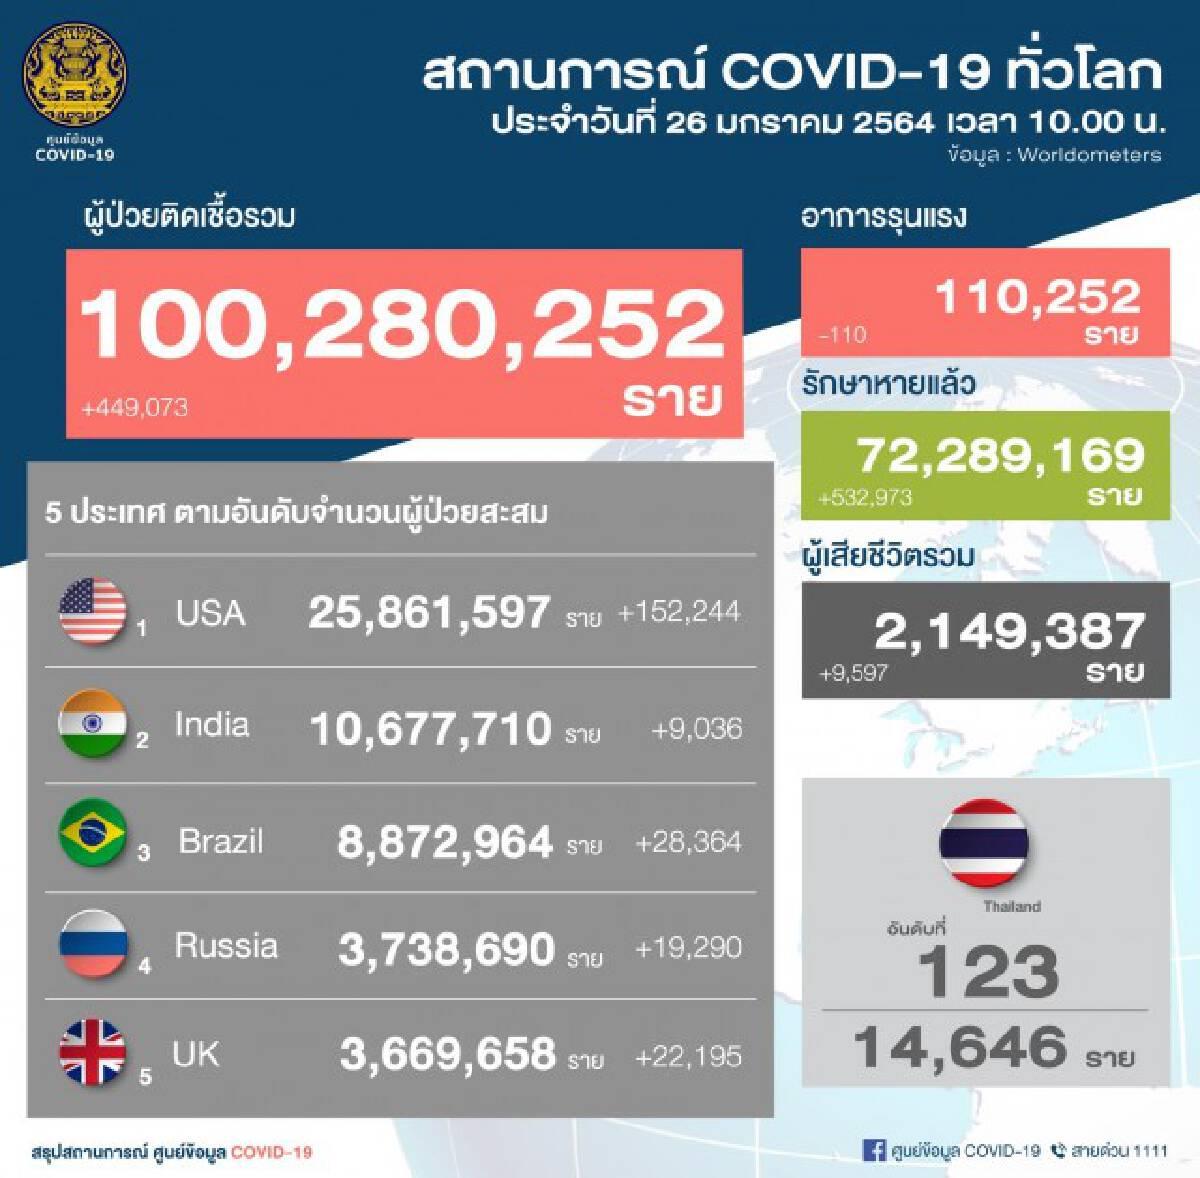 ศบค.แถลงพบติดเชื้อพุ่งกระฉูด 959 ราย ยอดสะสมเพิ่ม 14,646 ราย